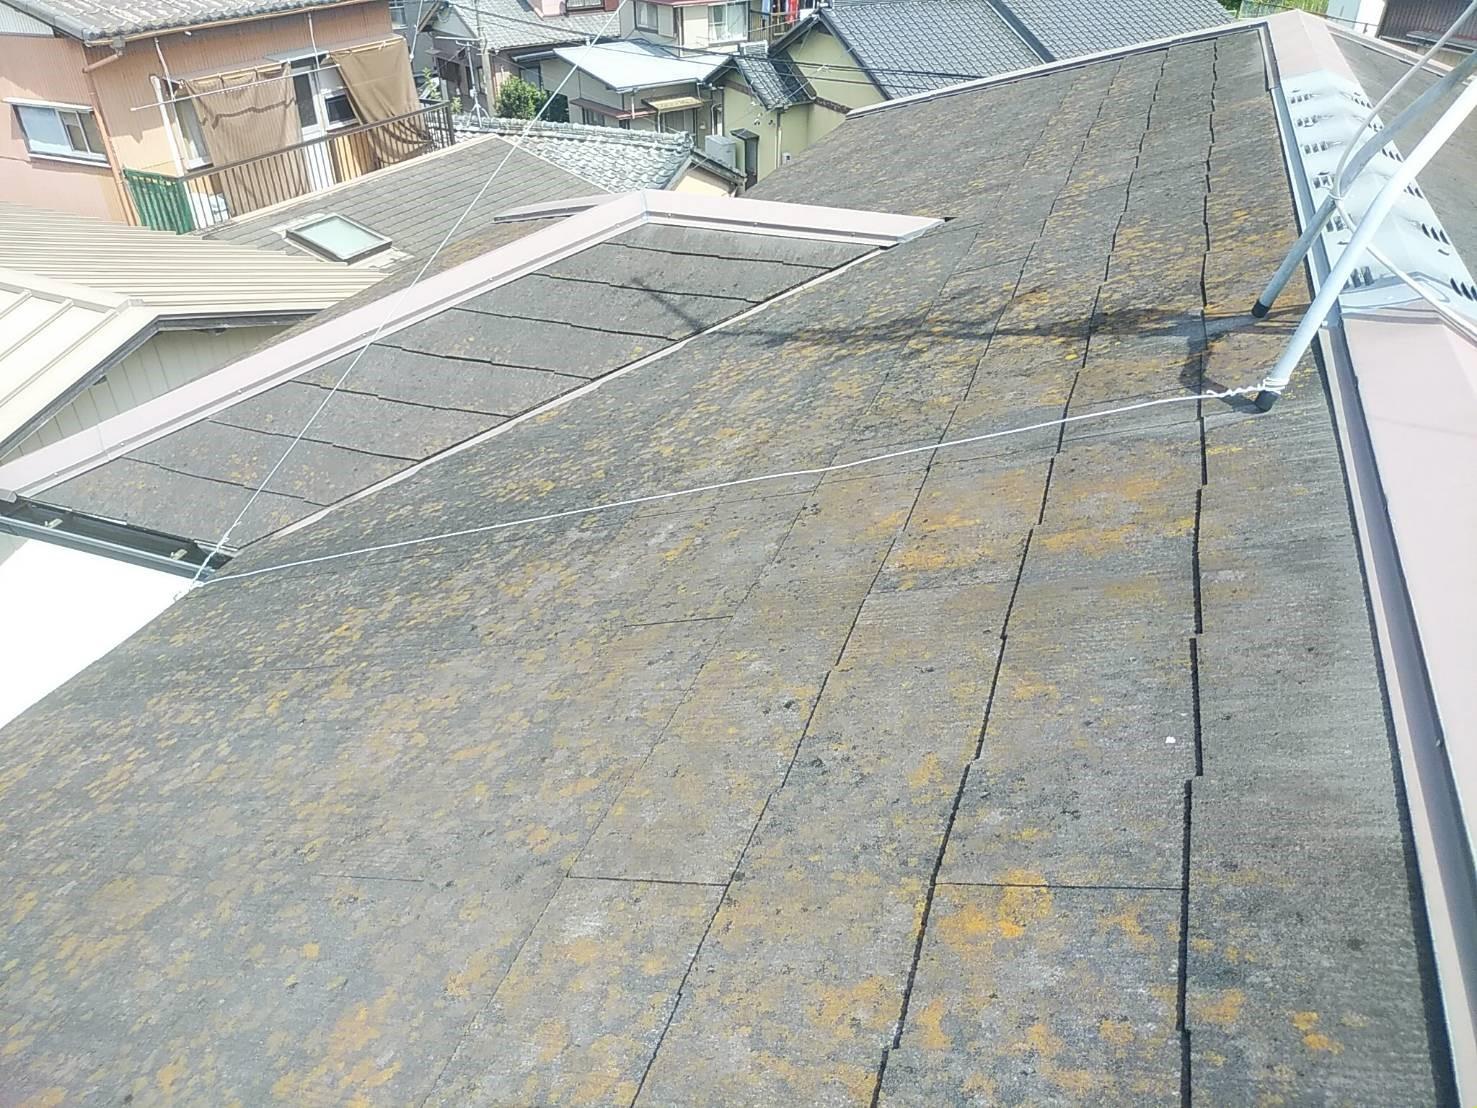 屋根の防水機能低下の症状 カビ・コケの繁殖